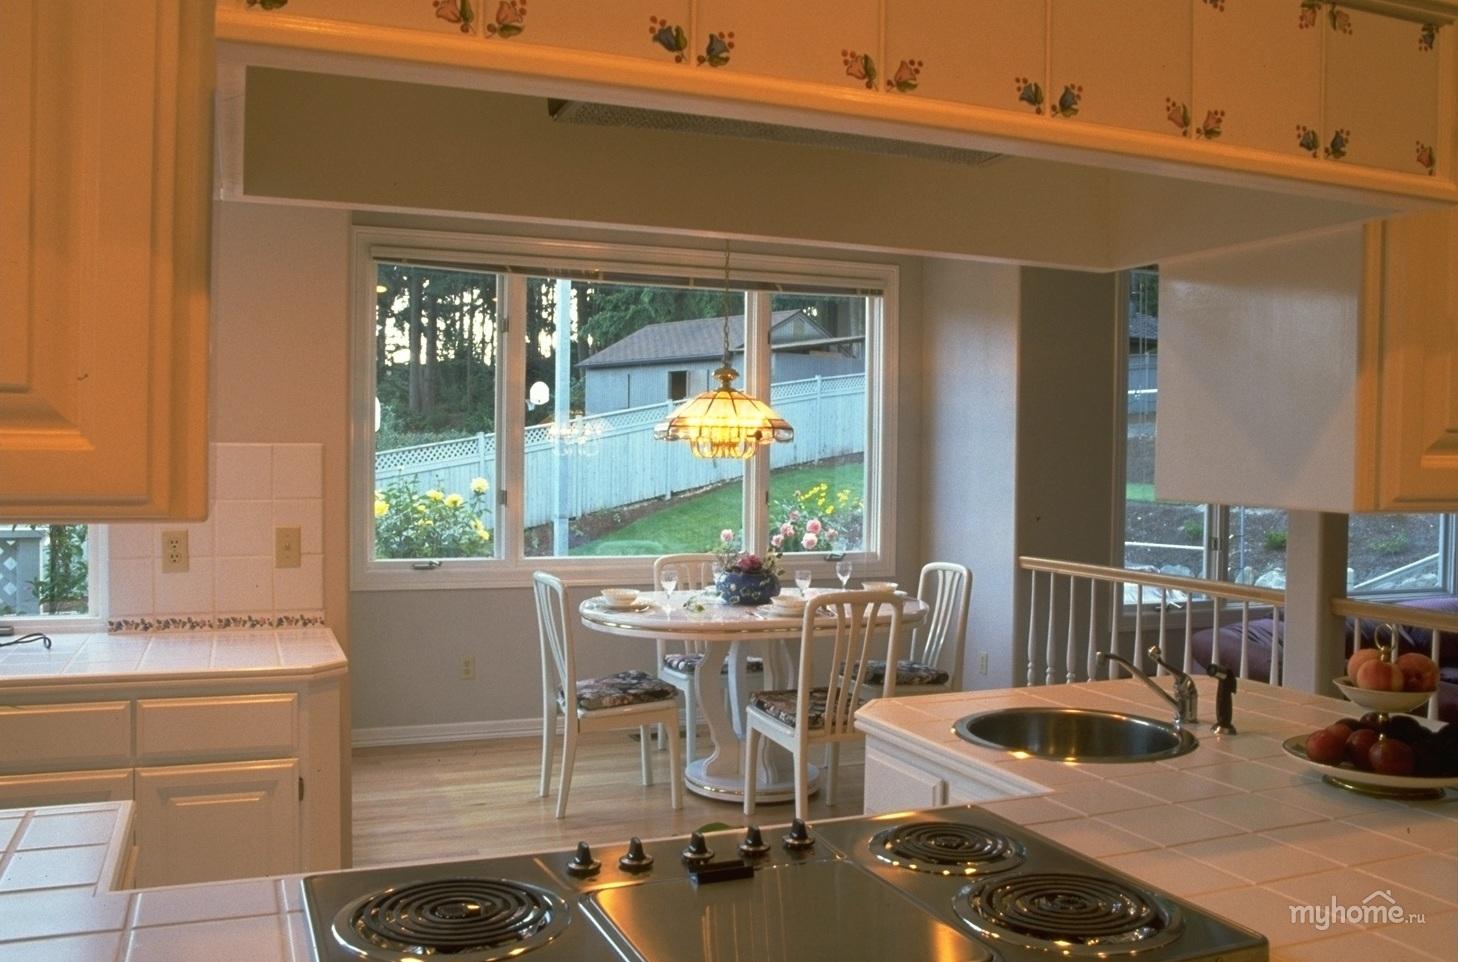 Небольшая кухня в частном доме дизайн